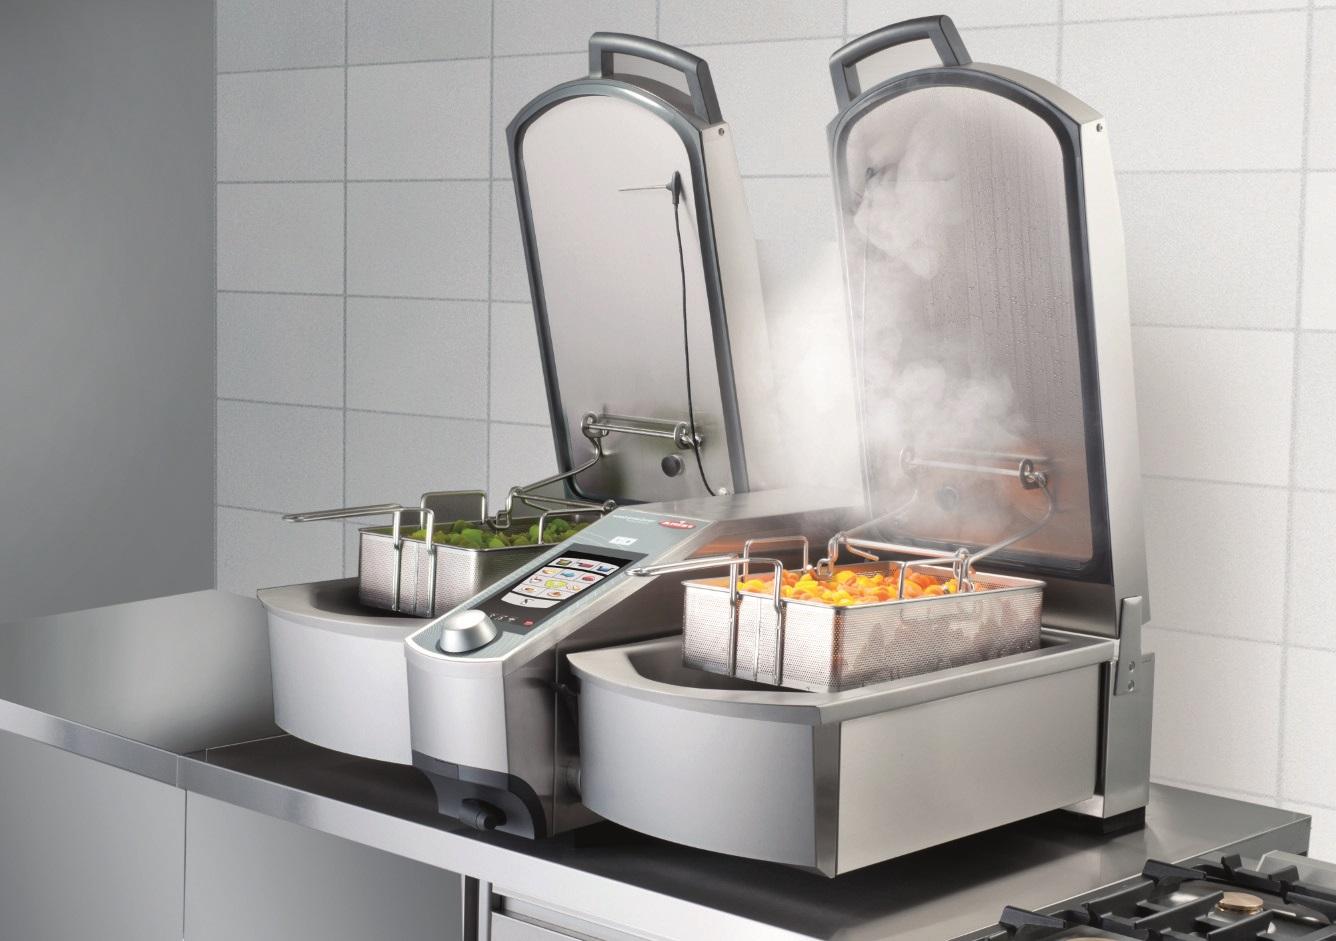 arreglar horno rational - horno en pleno funcionamiento